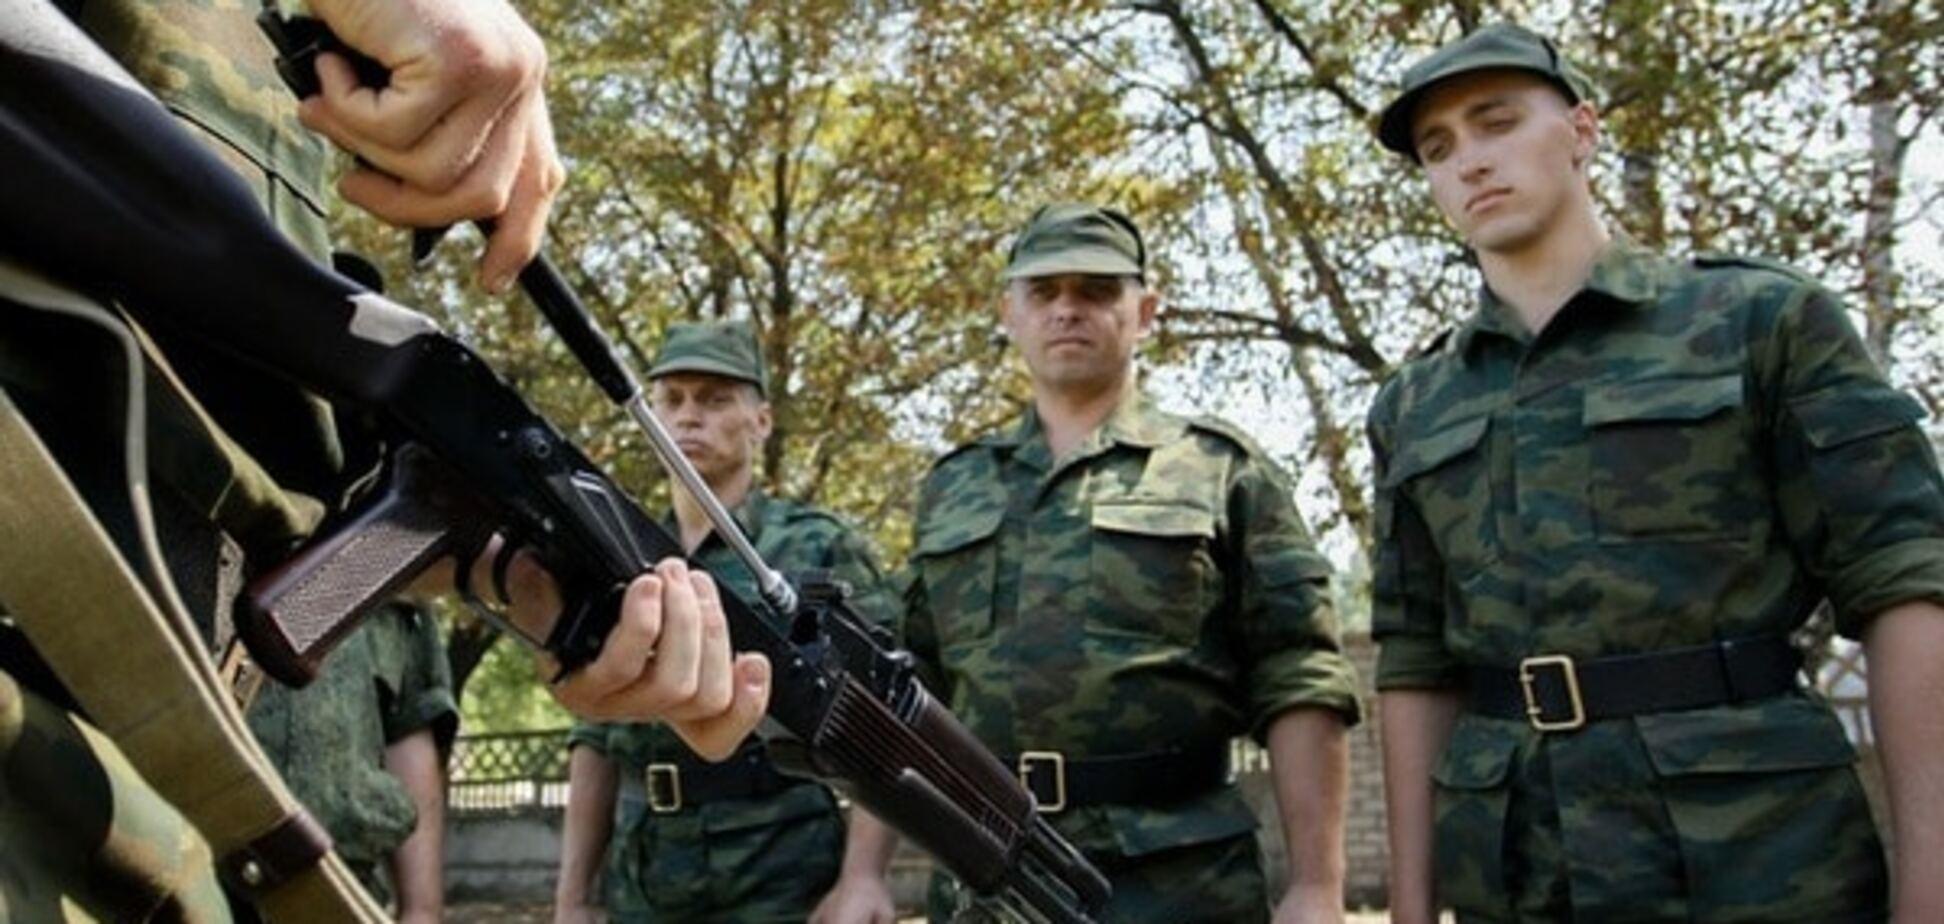 Гаубицы и минометы: террористы атаковали бойцов АТО в Авдеевке